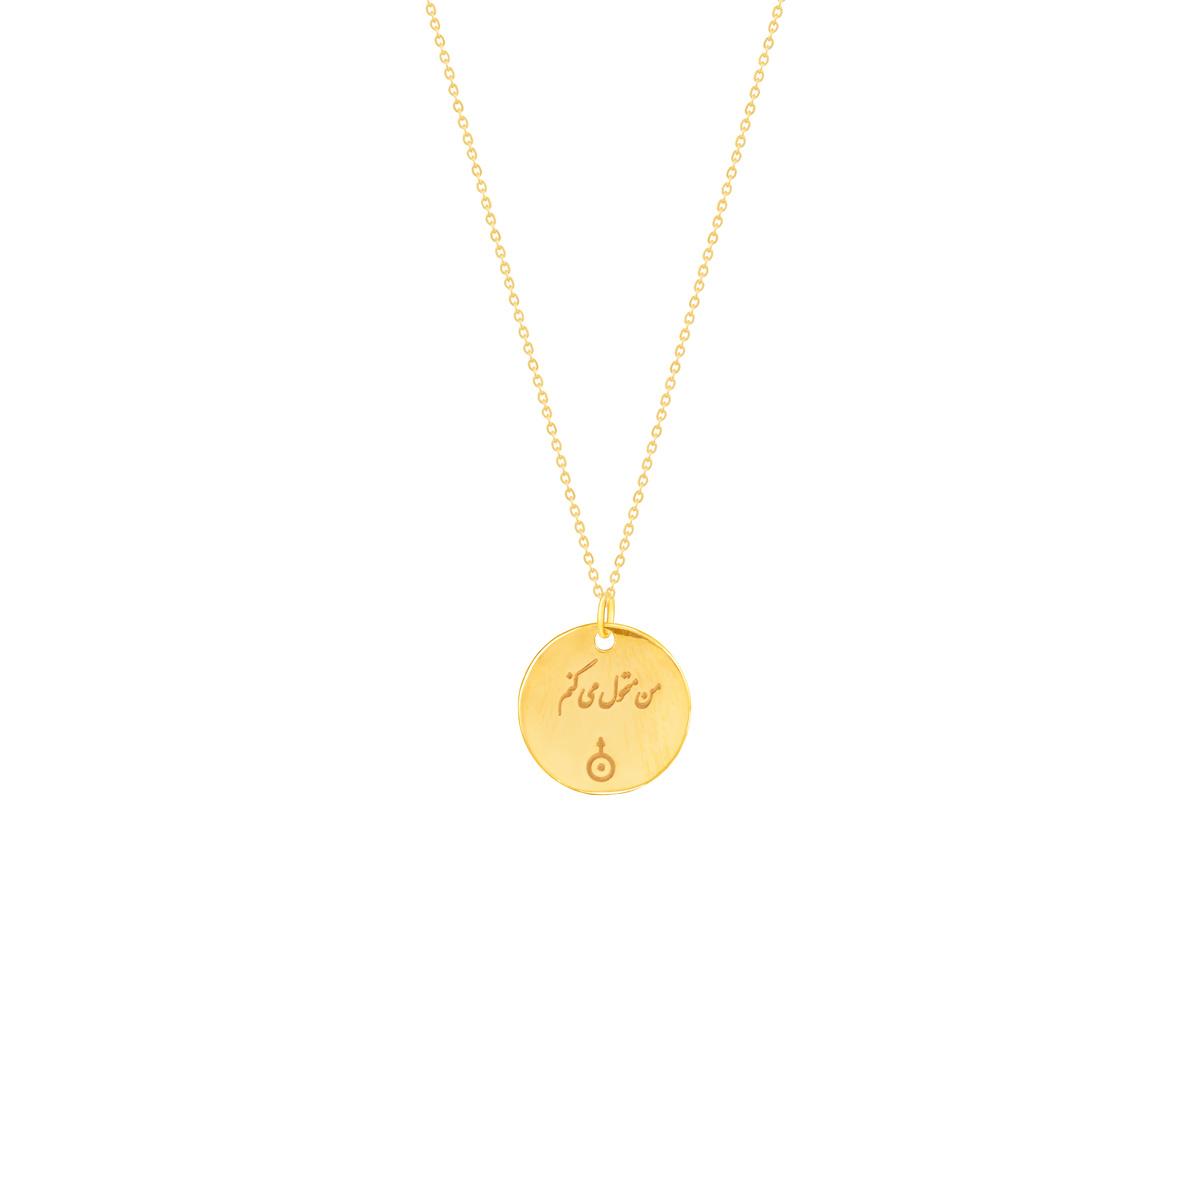 گردنبند طلا نماد ماه بهمن